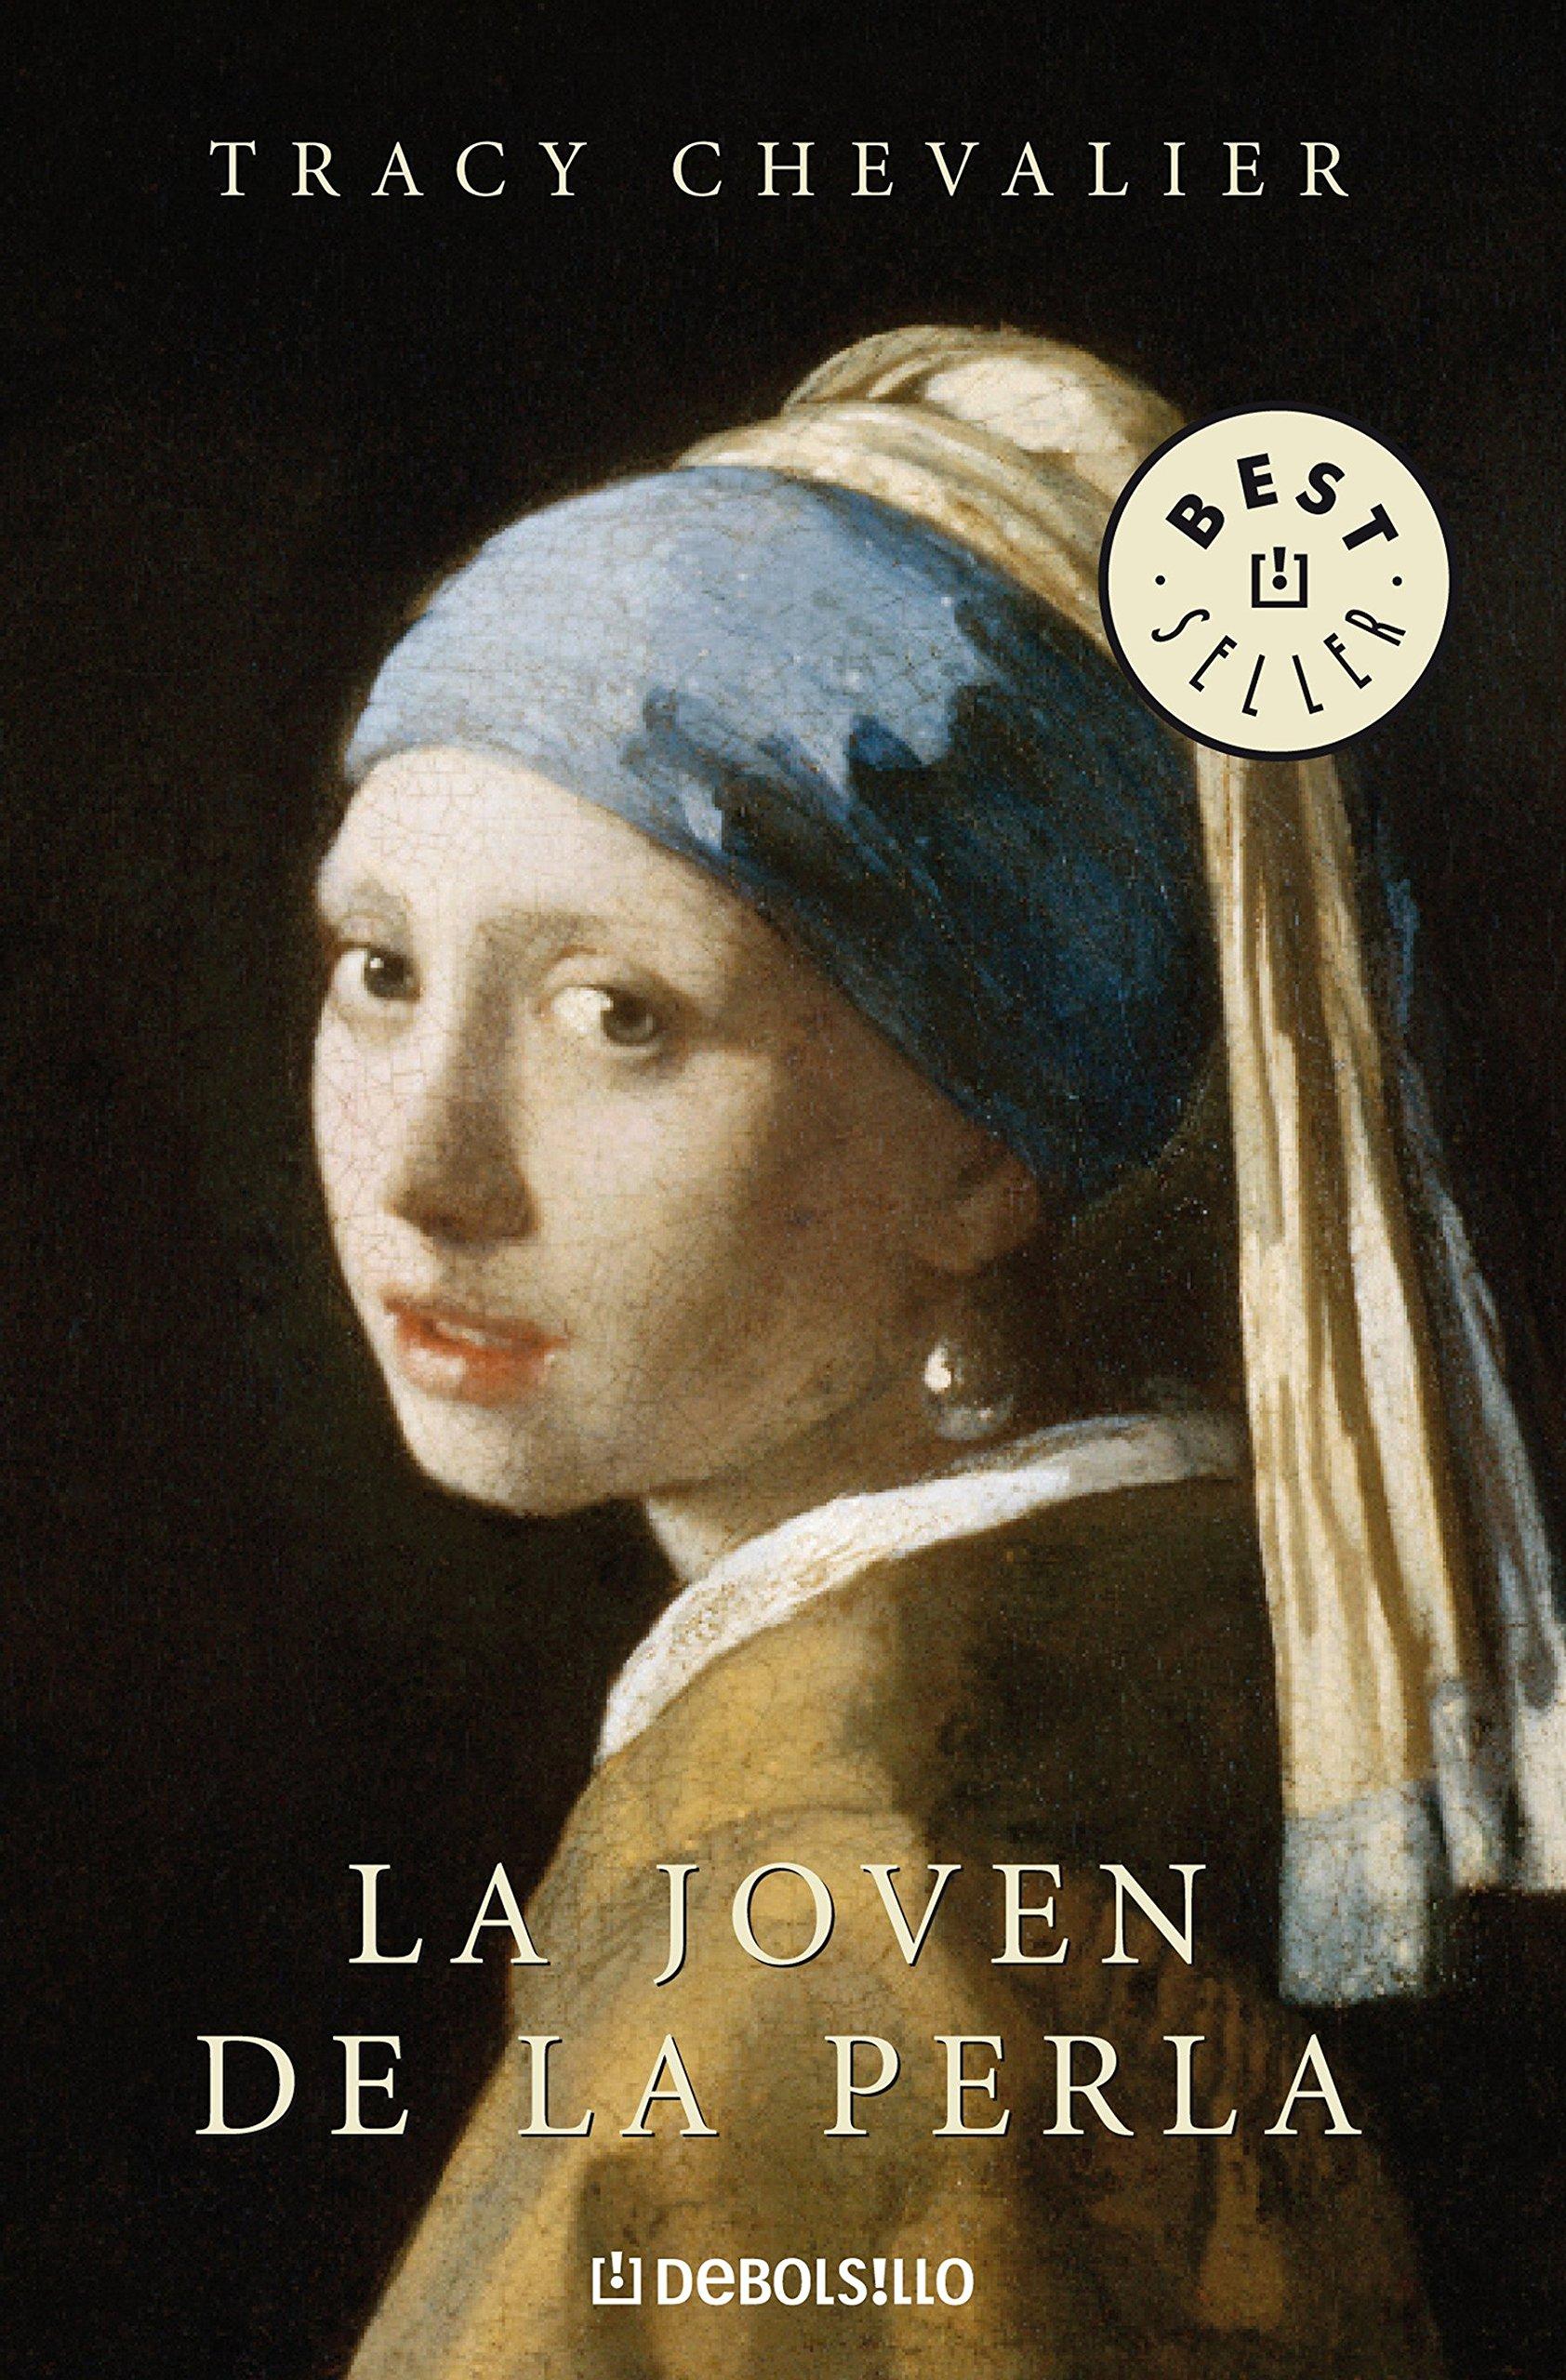 Elástico cuadrado El cielo  La joven de la perla / Girl with a Pearl Earring (Best Seller) (Spanish  Edition): Chevalier, Tracy: 9788483465653: Amazon.com: Books